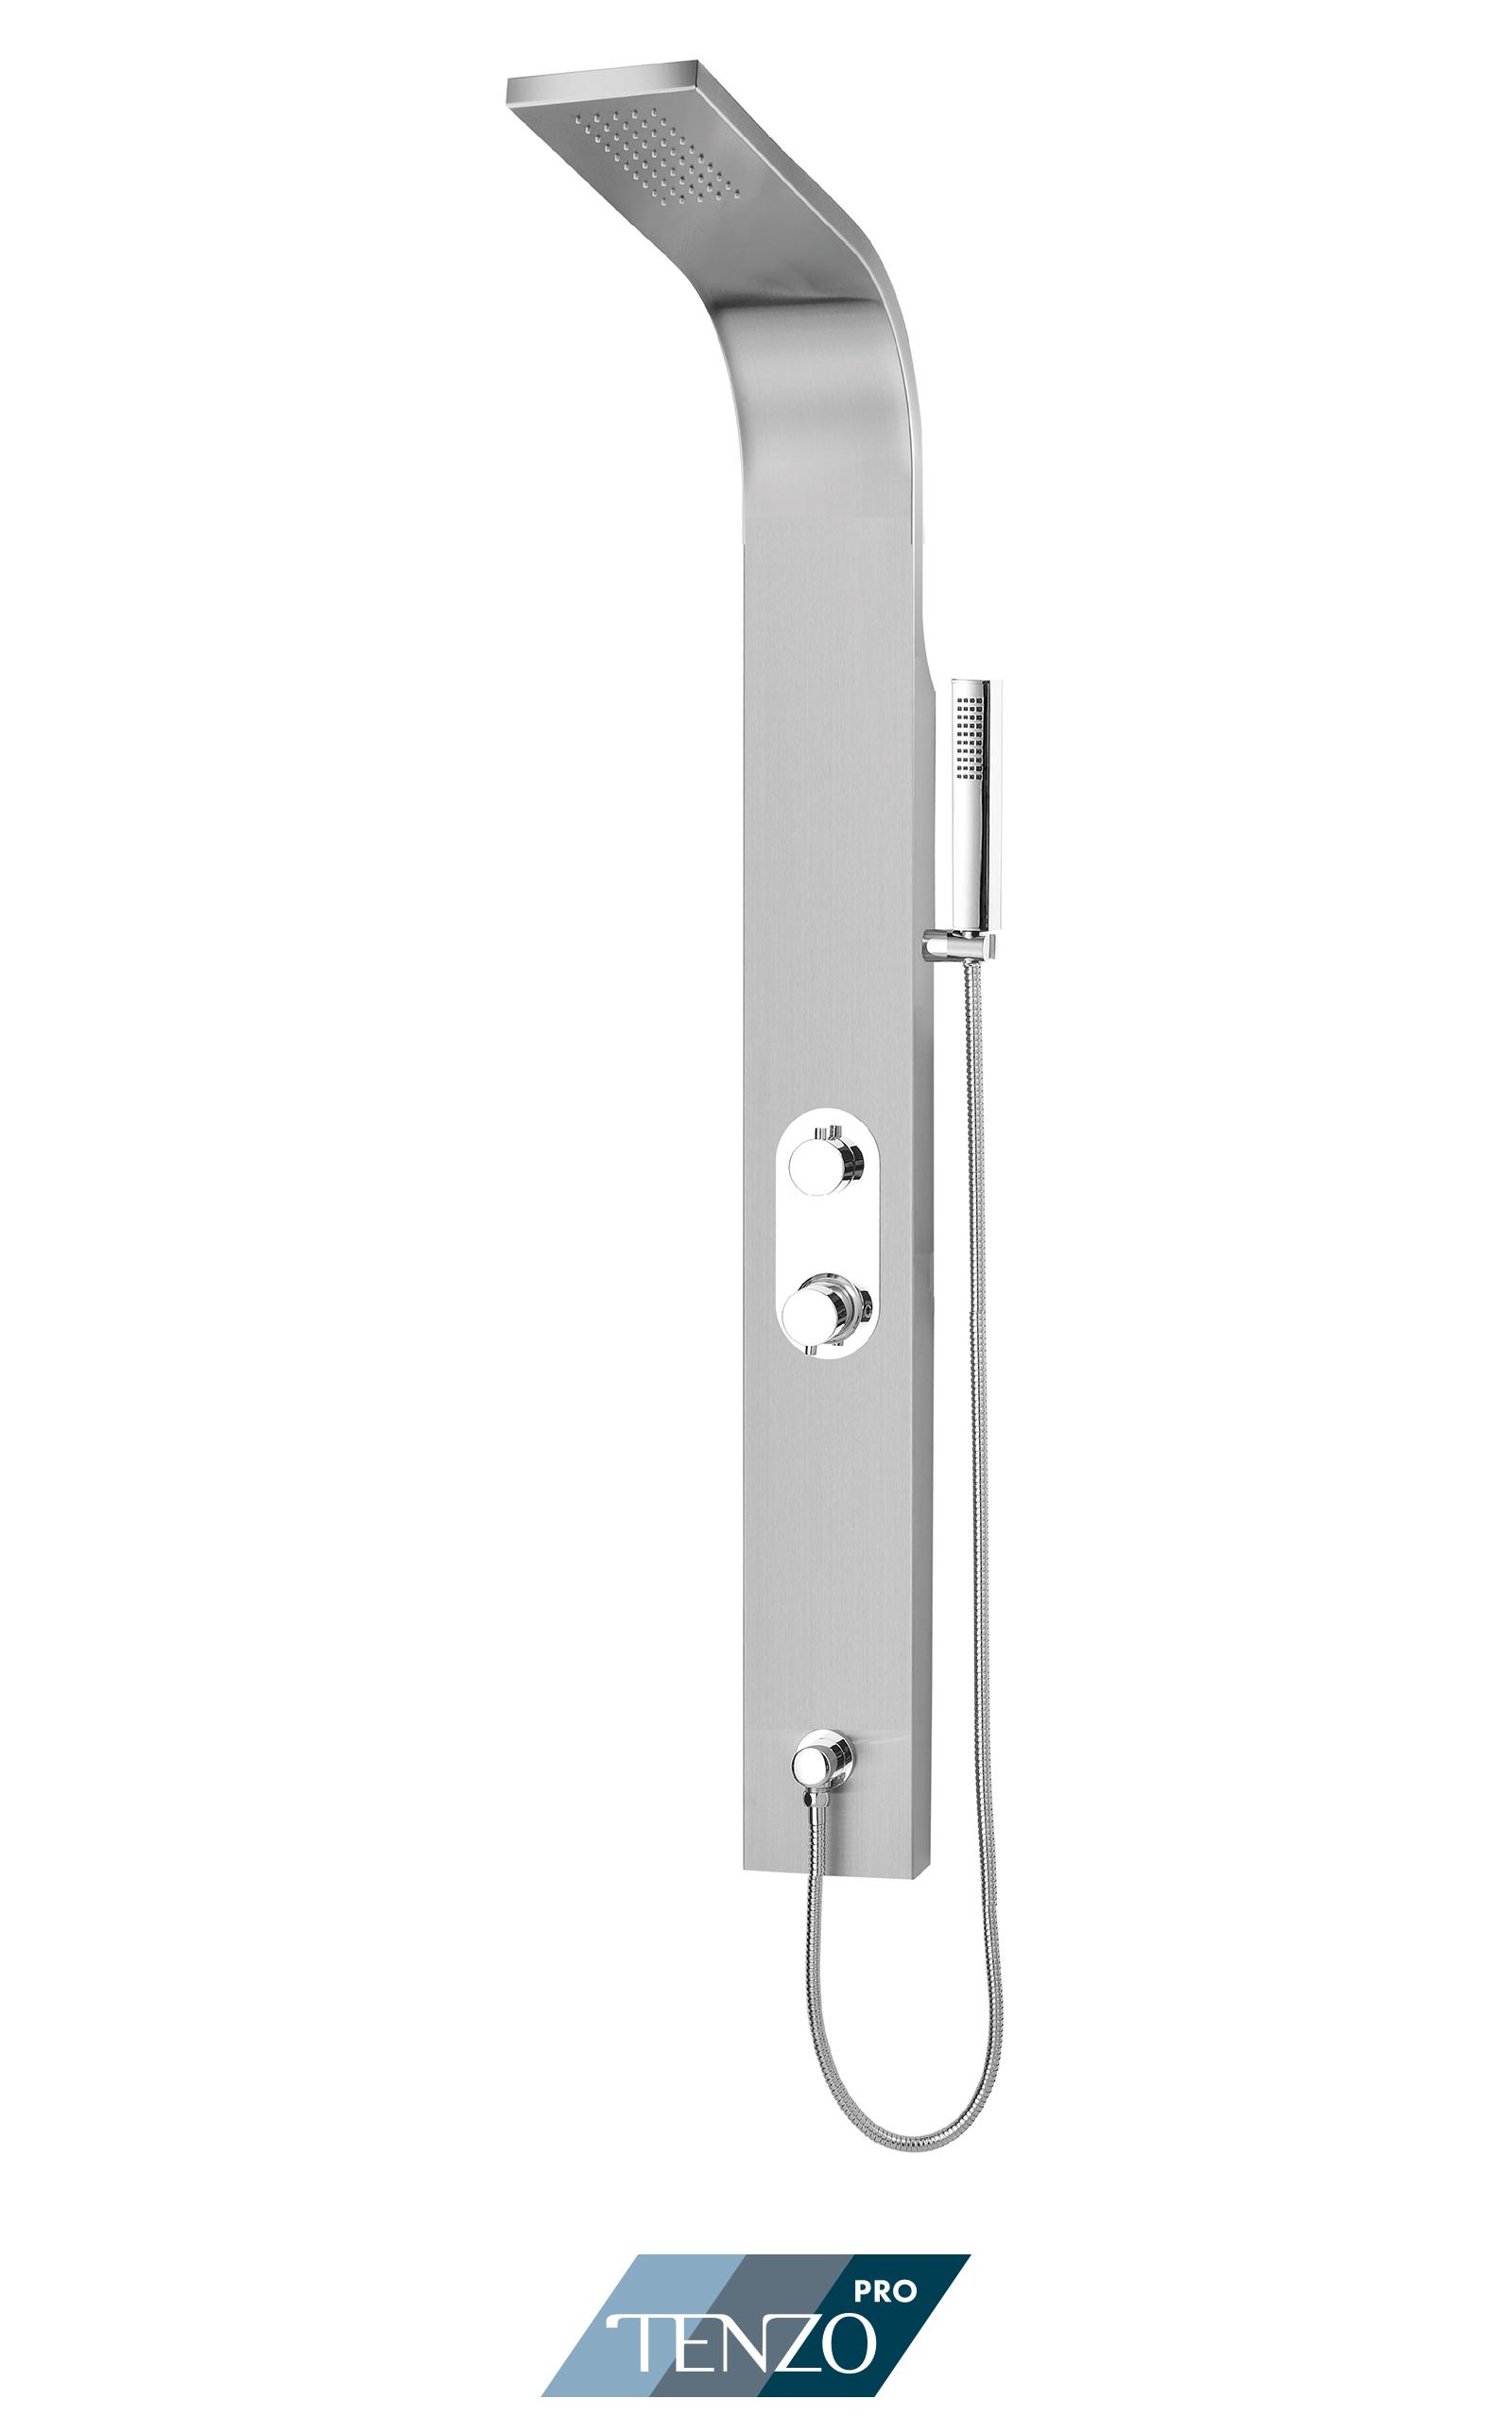 ETZST-62 - 2-Fonctions shower columns, Evolo